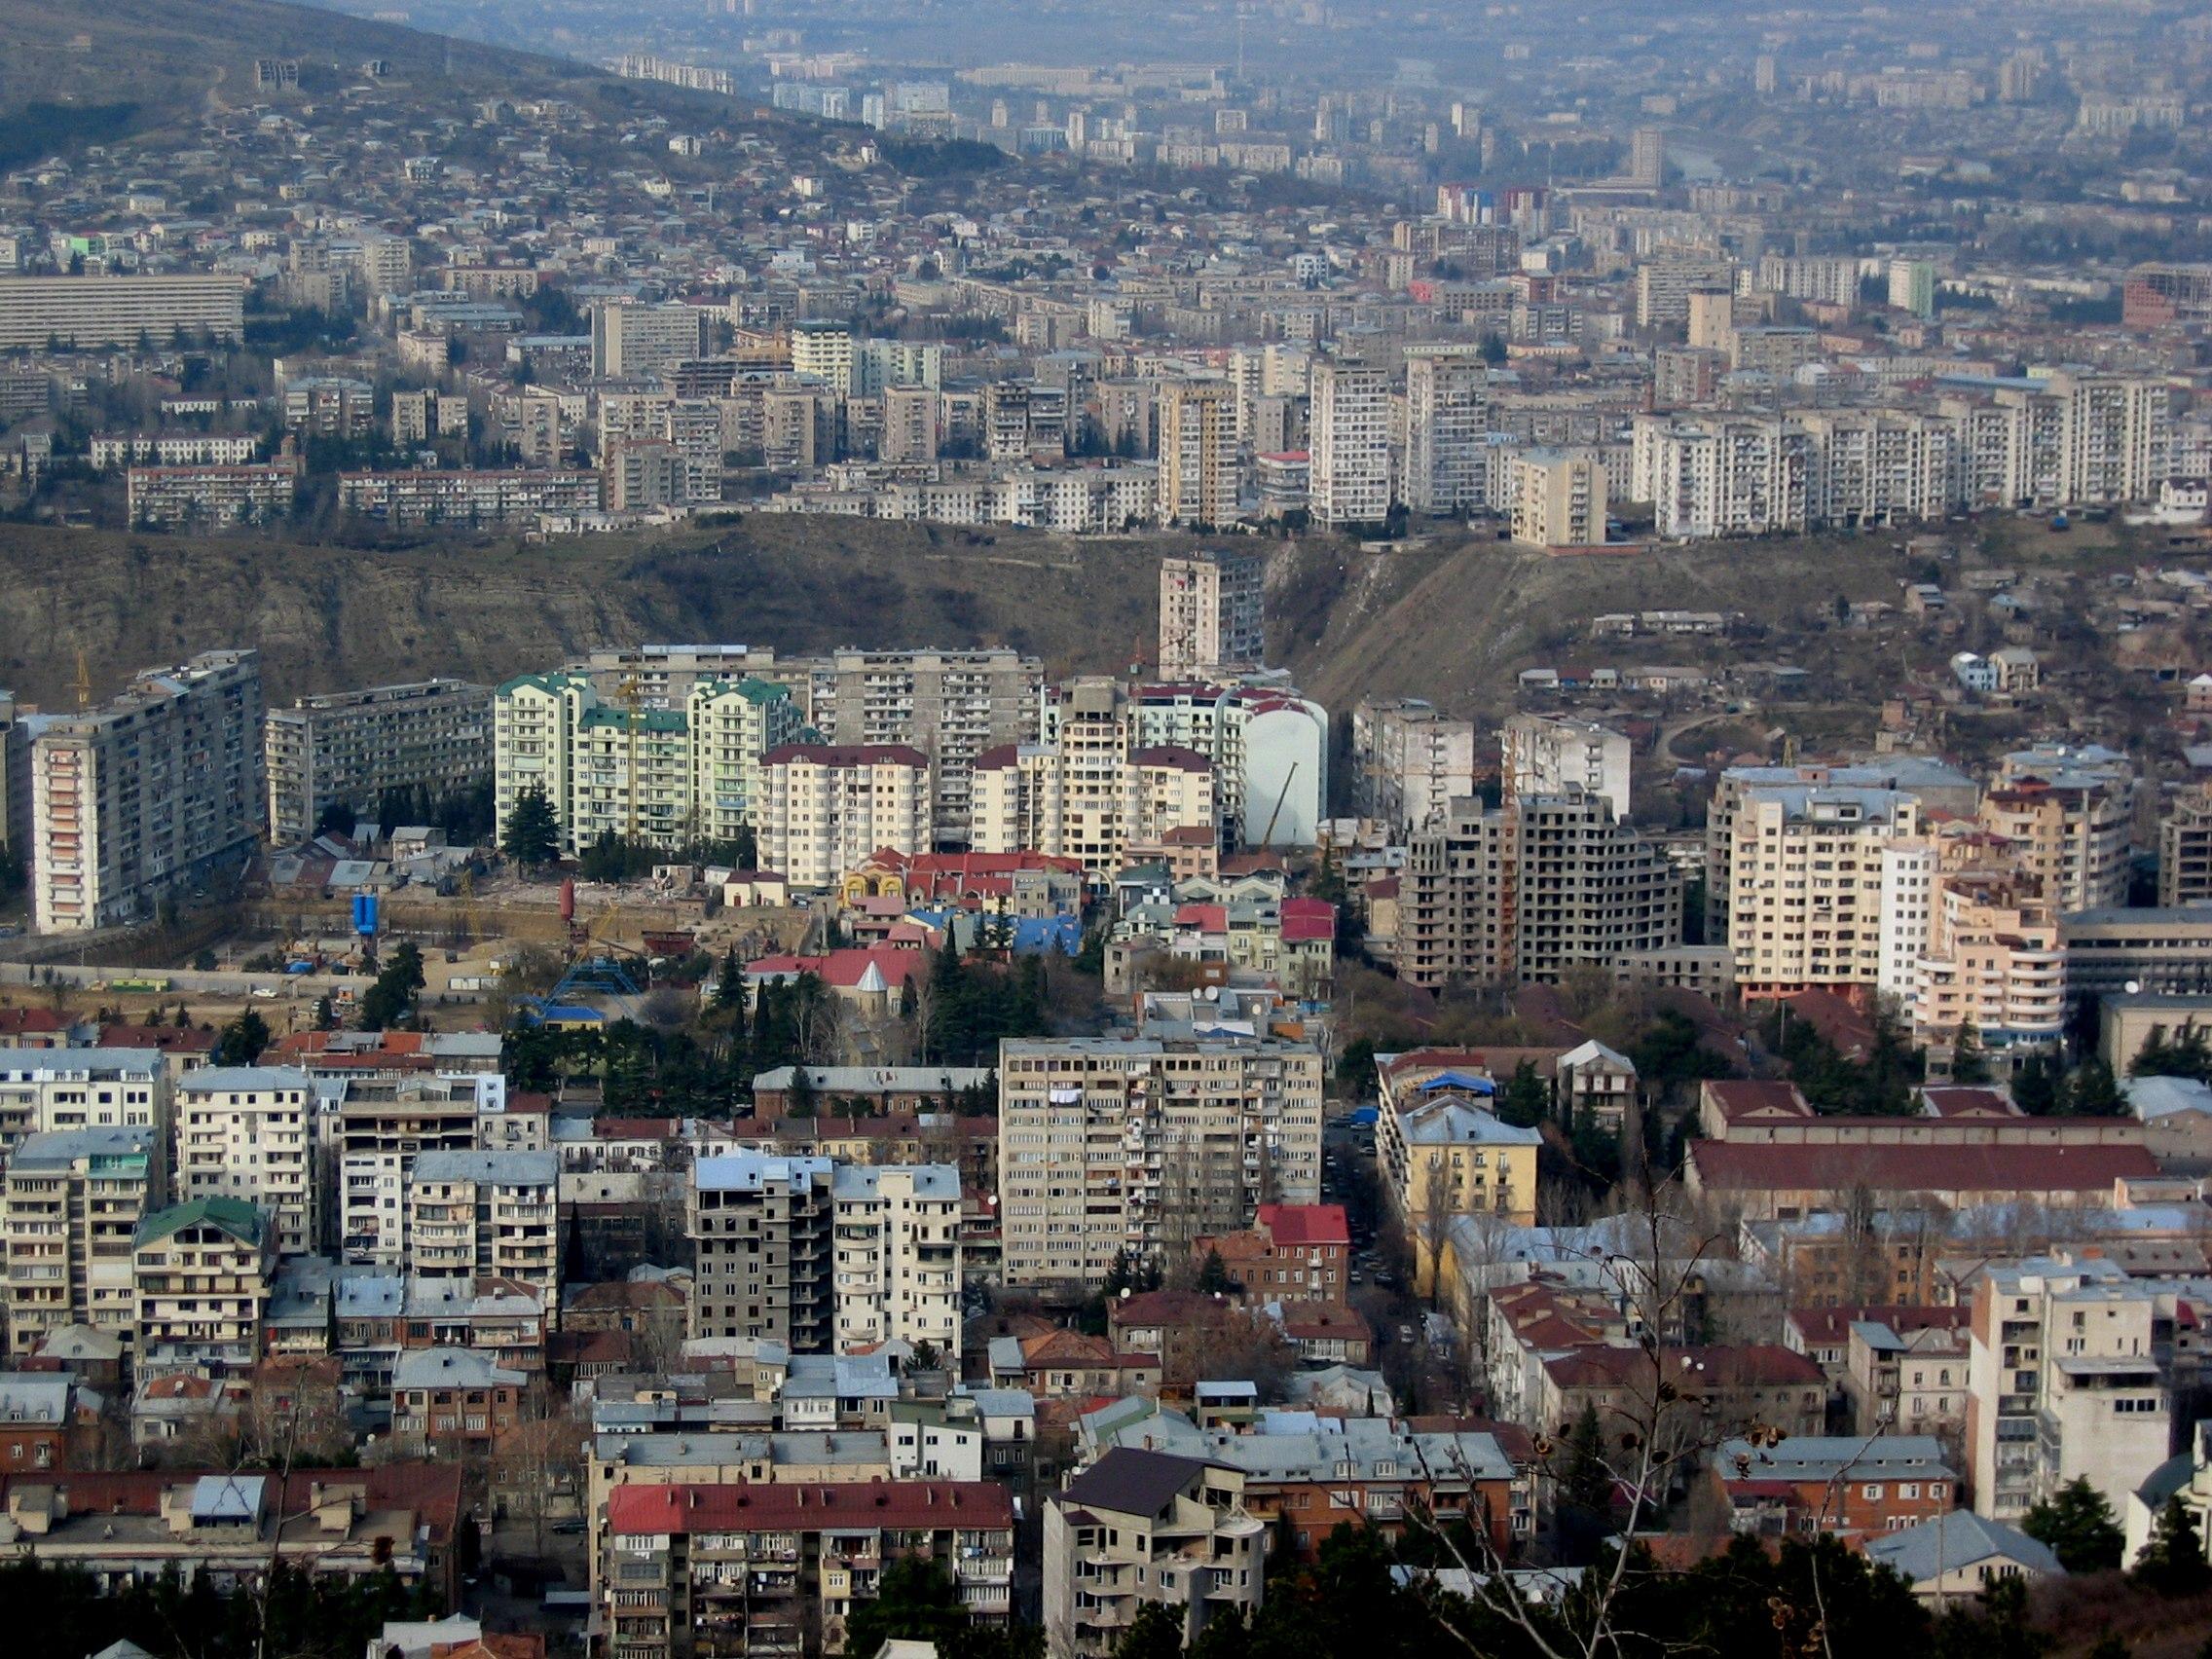 Tbilisi, Gruzja (fot. Matt Bateman / www.flickr.com / CC BY 2.0 / http://bit.ly/1KIo58J)